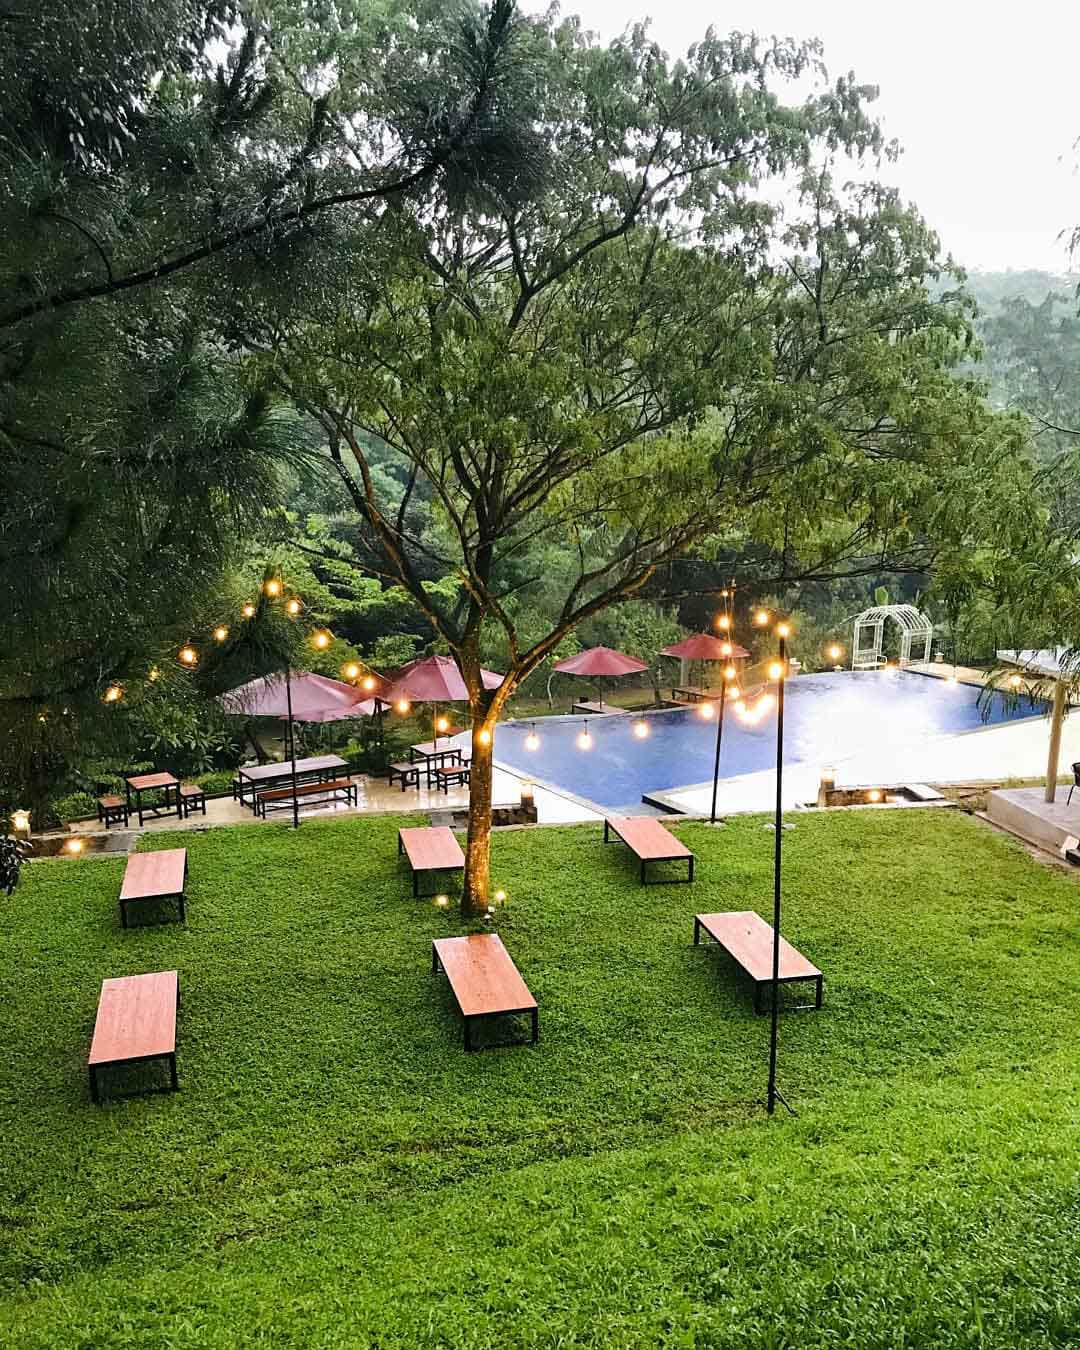 Tempat Duduk di Paradesa Park Bogor Image From @nadi_ngopi